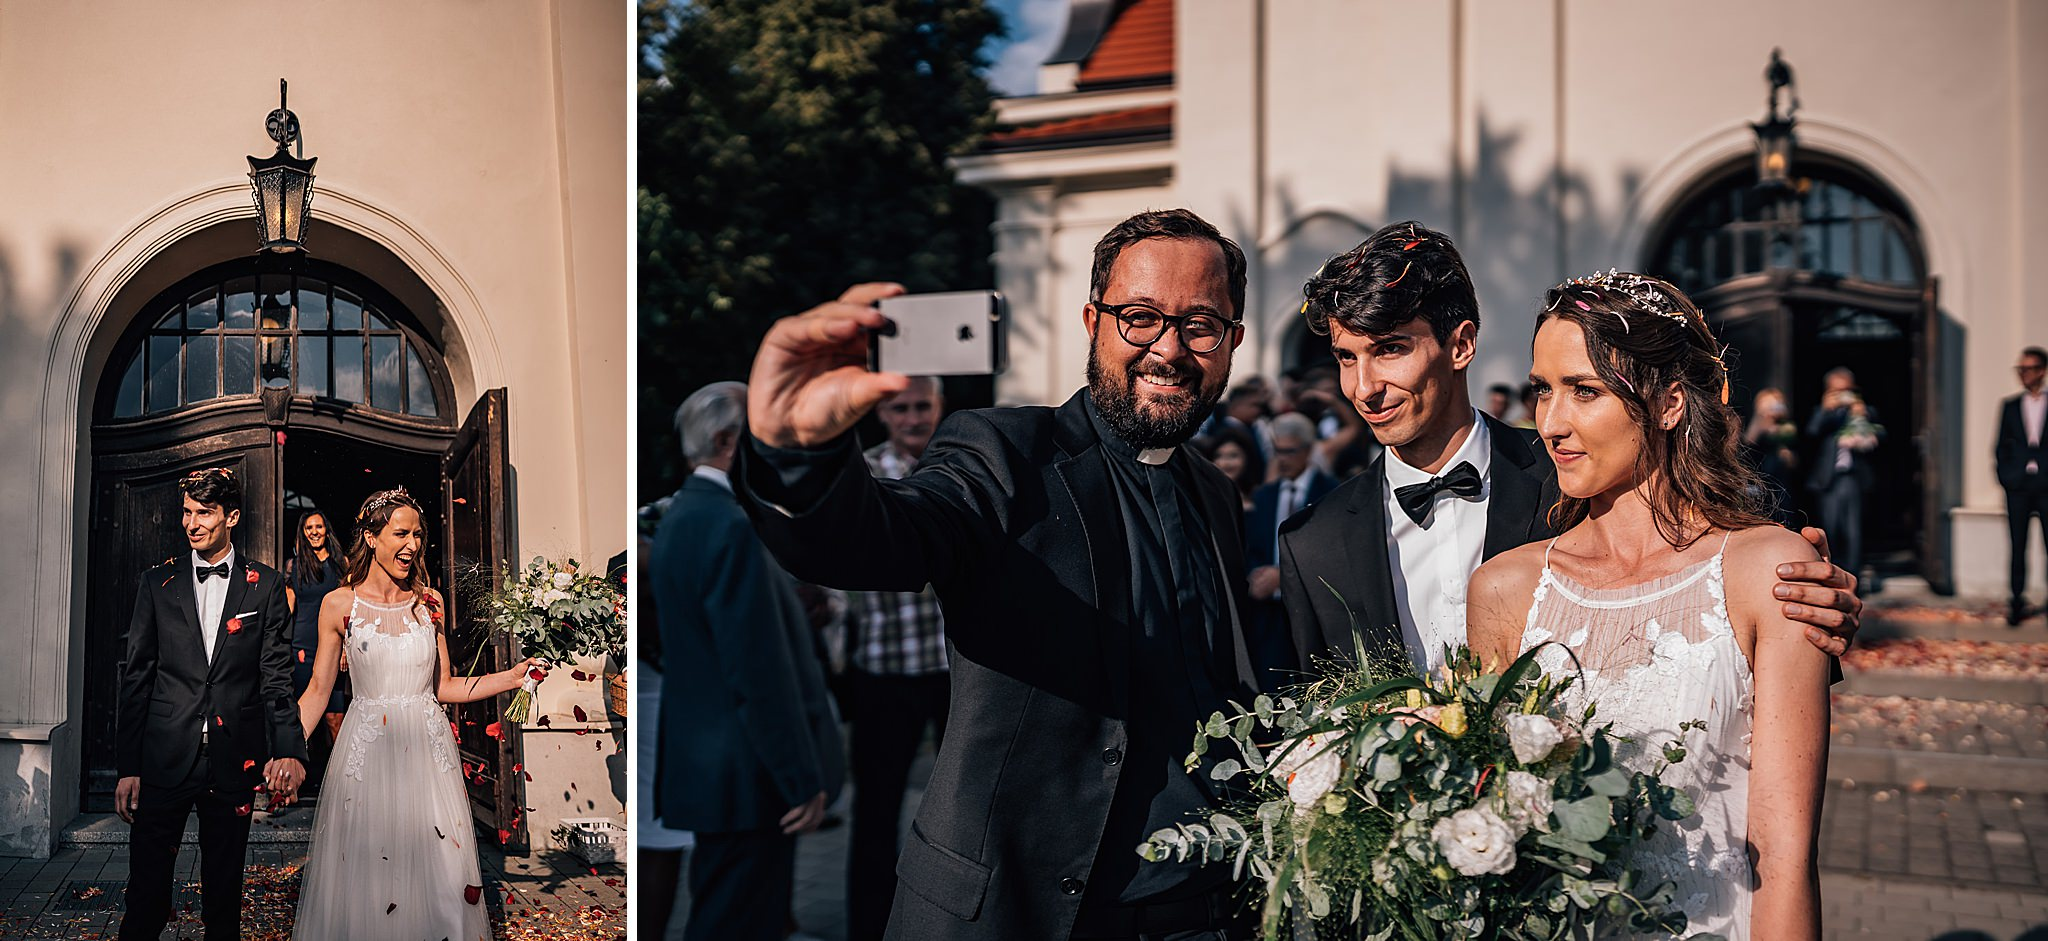 2018,AndrzejewskiPawel,Fotografiaslubna,Sławica,Weddingphotography,WerandaHome,www.andrzejewskipawel.com,